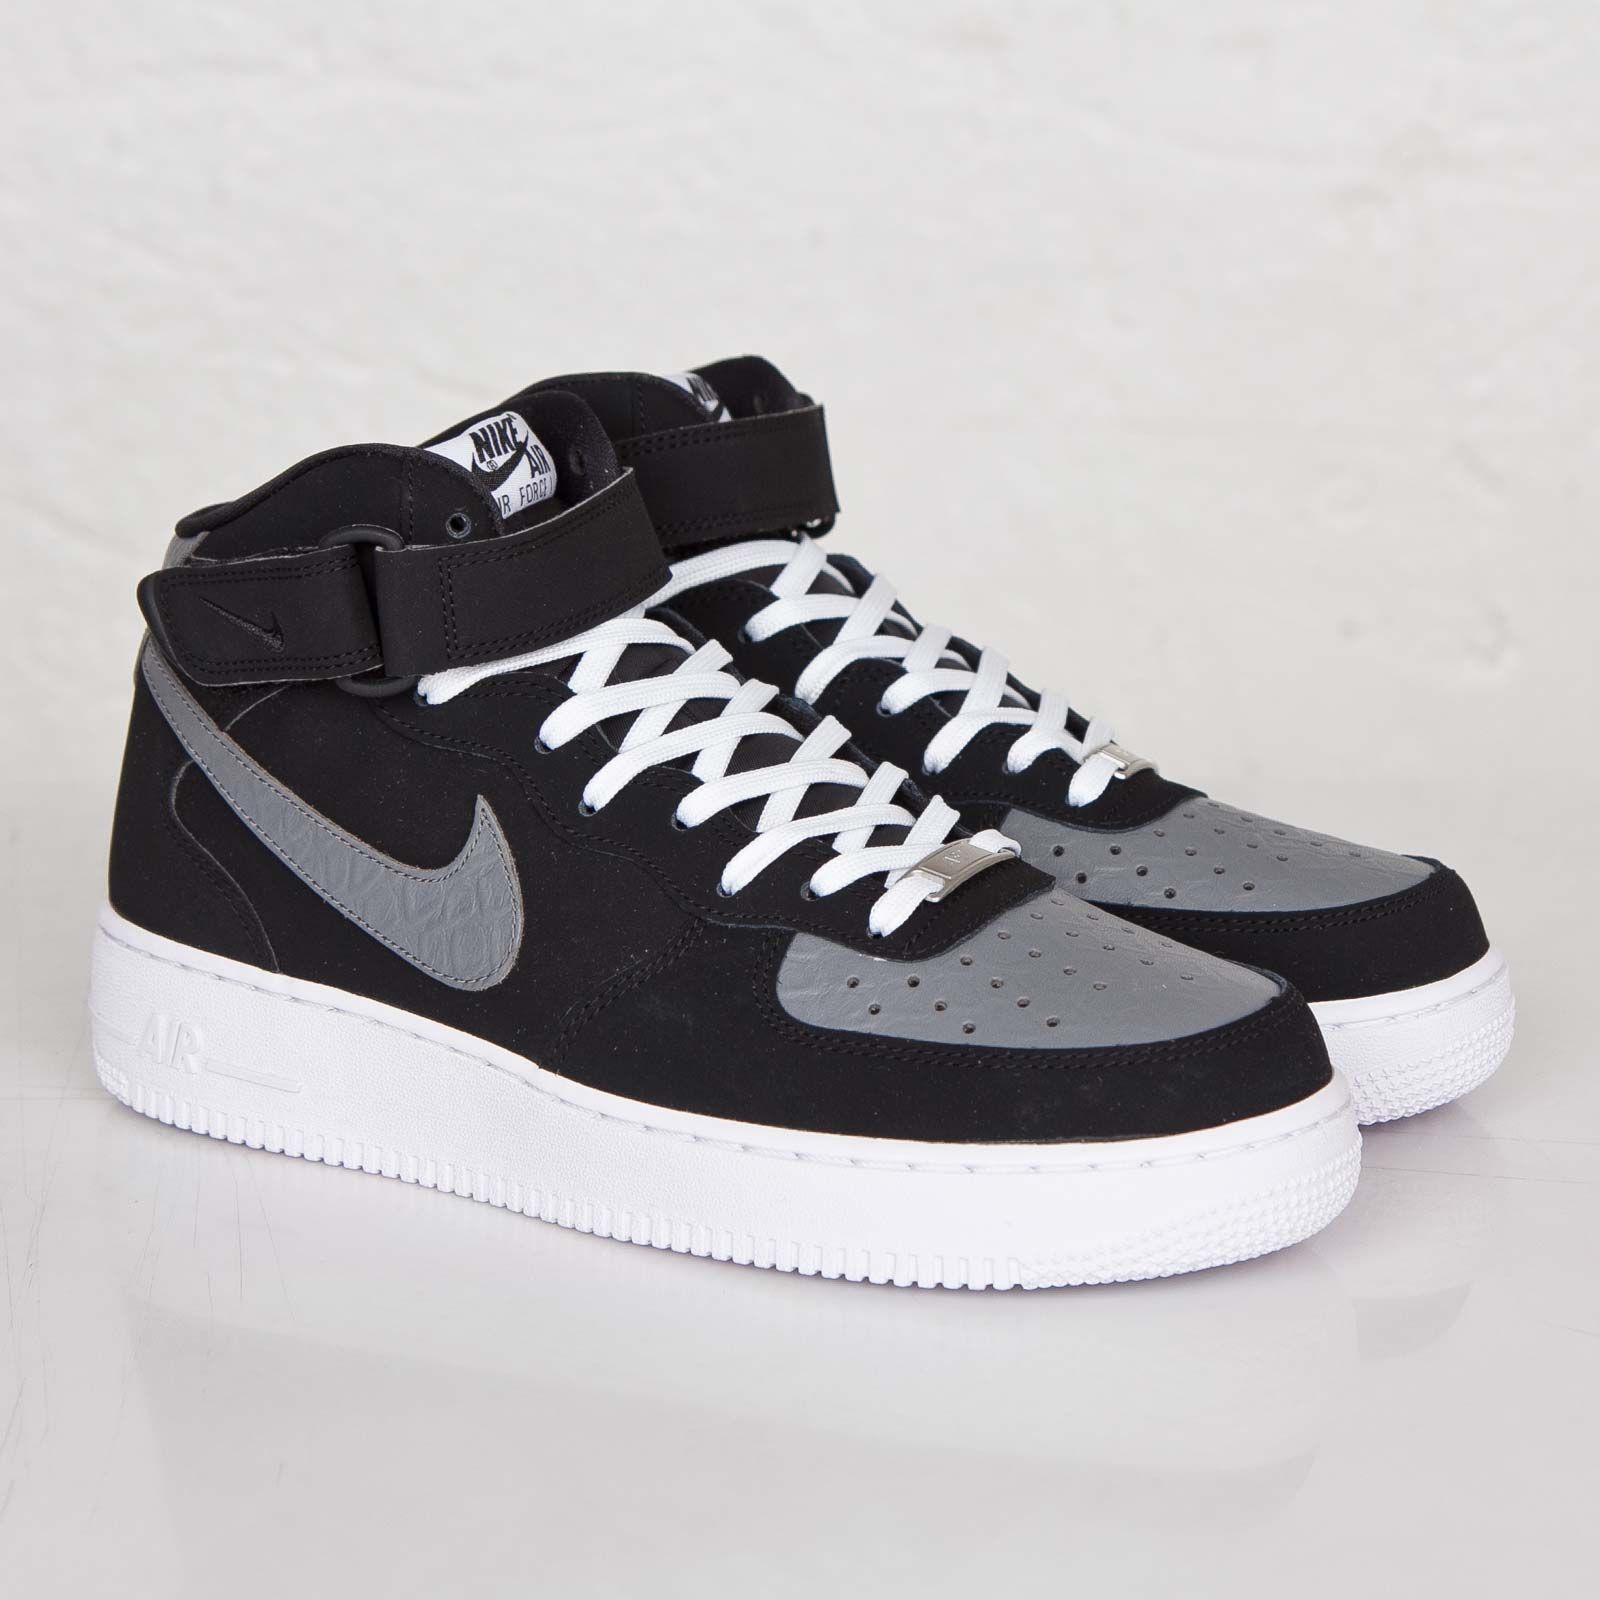 Nike Air Force 1 Mid 07 315123 025 Sneakersnstuff